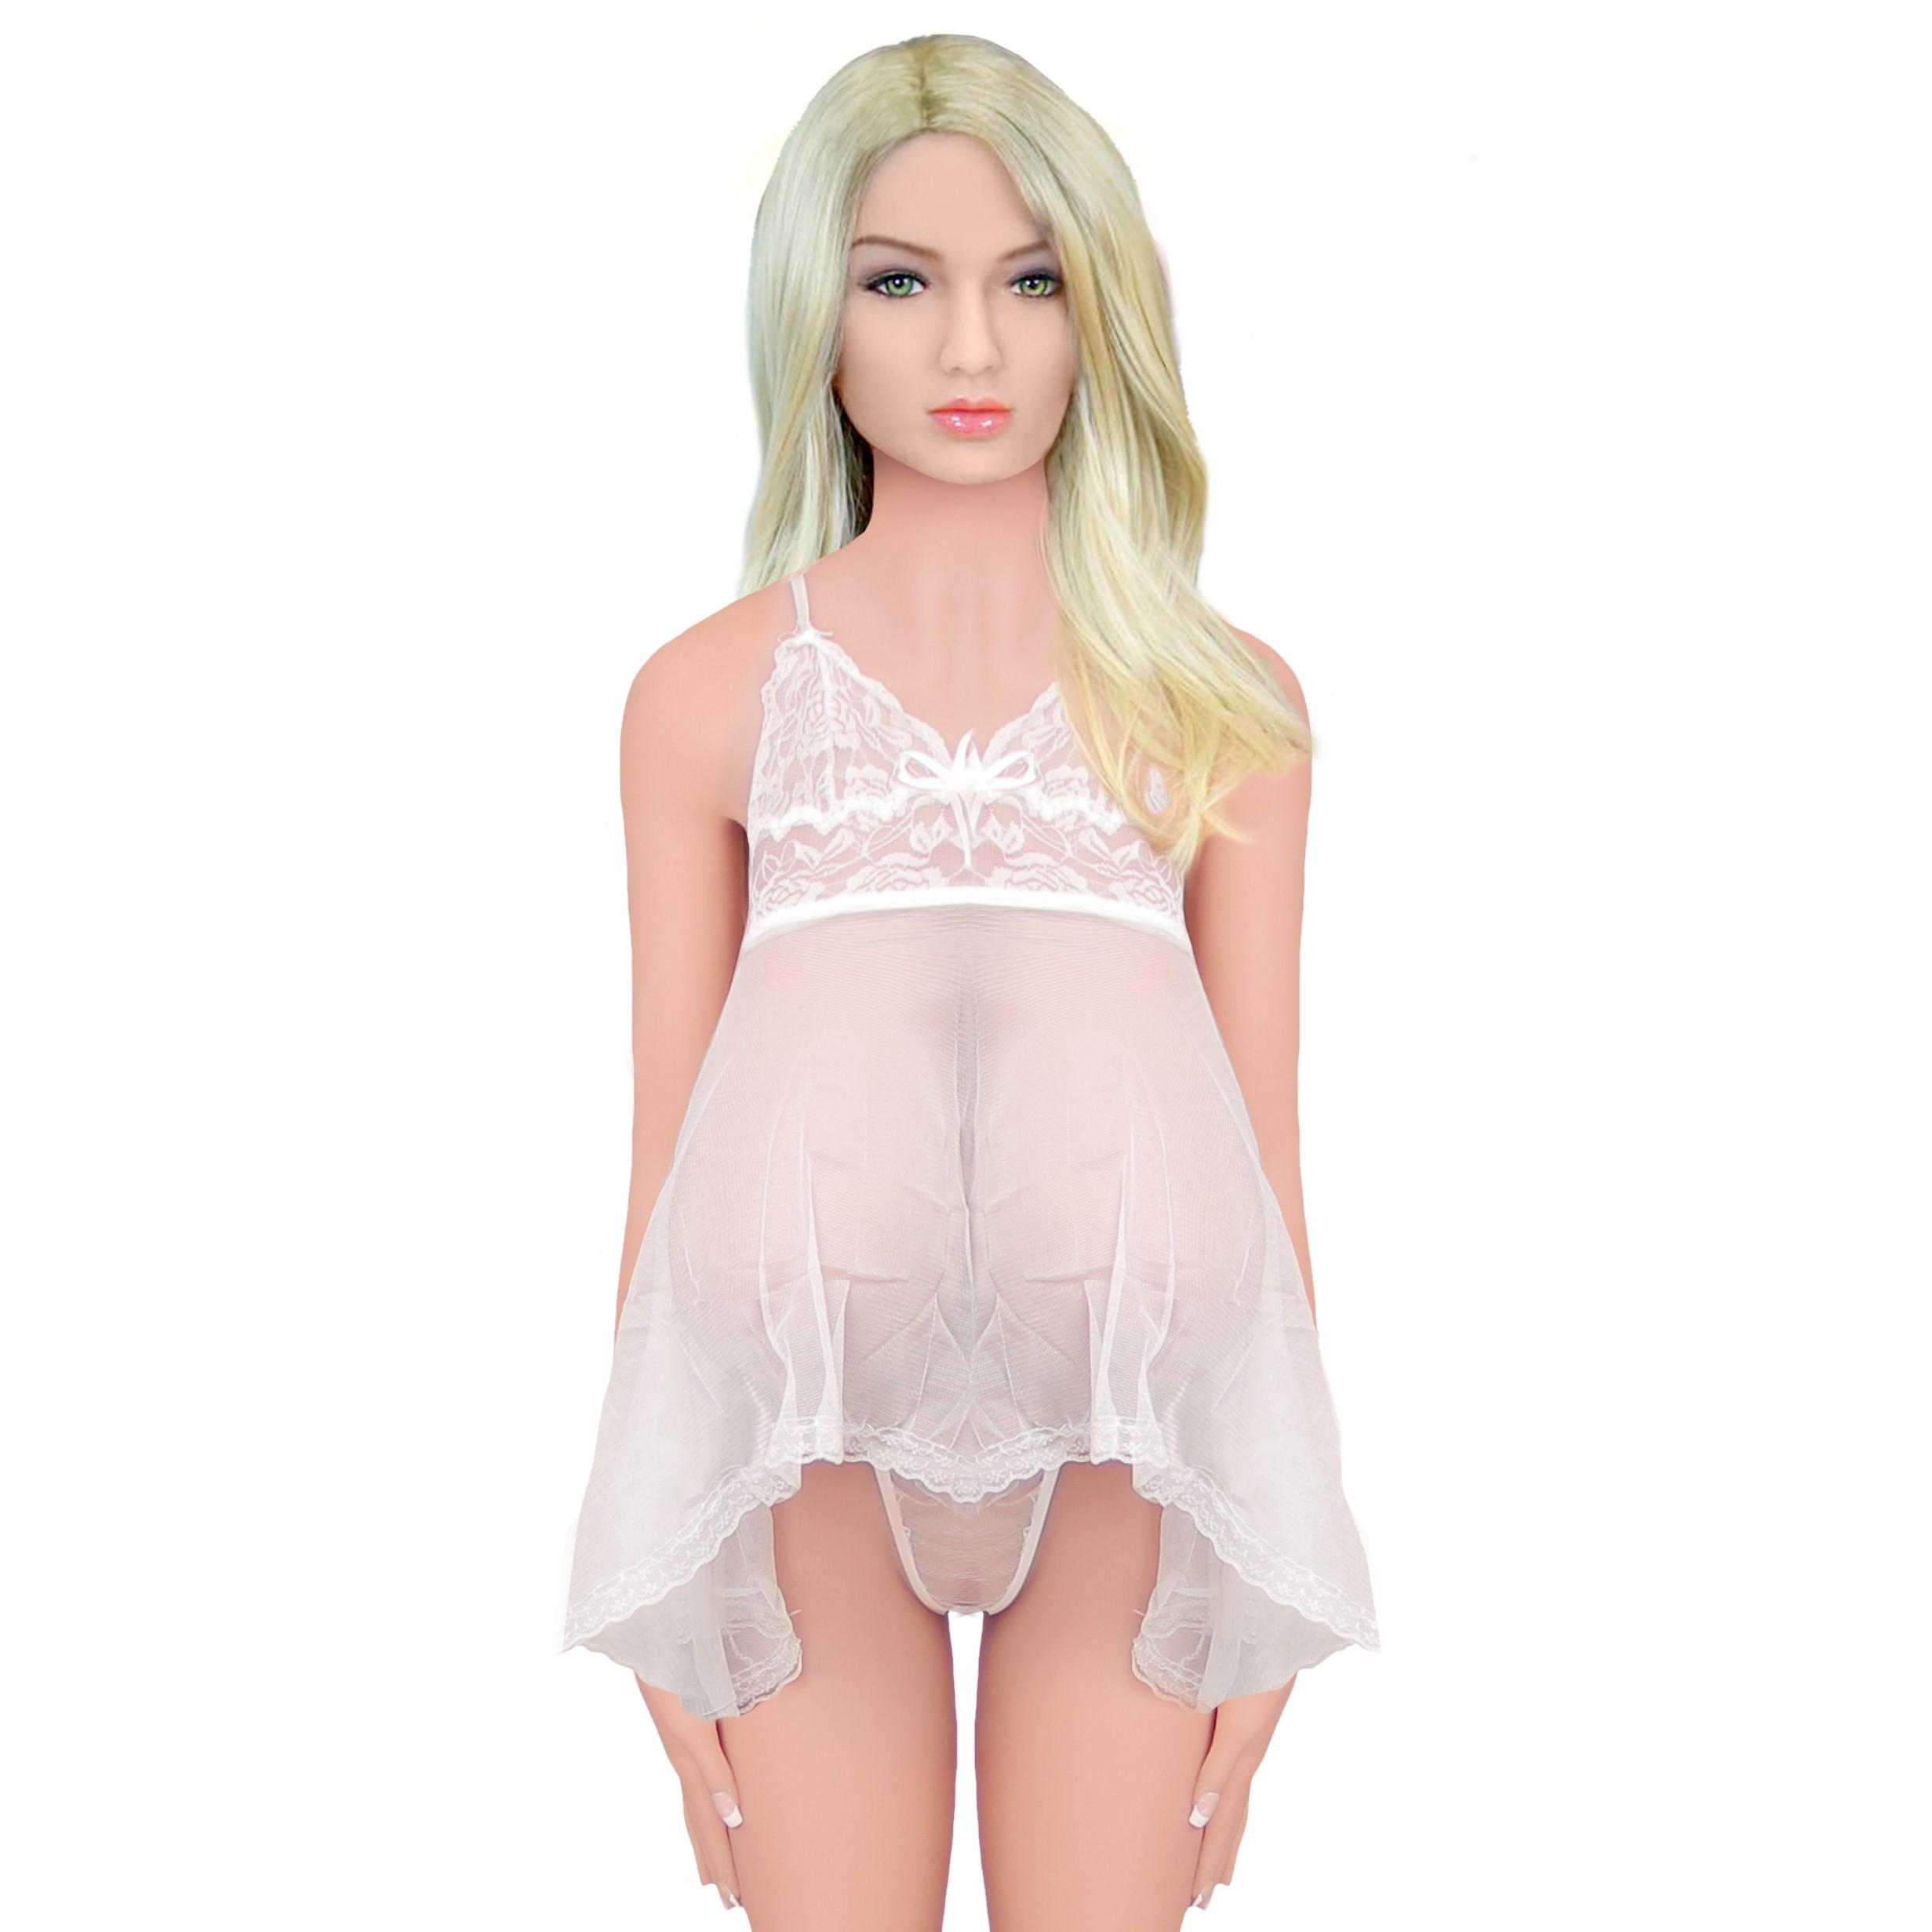 Секс кукла, ултра истинска, Триша – Trisha